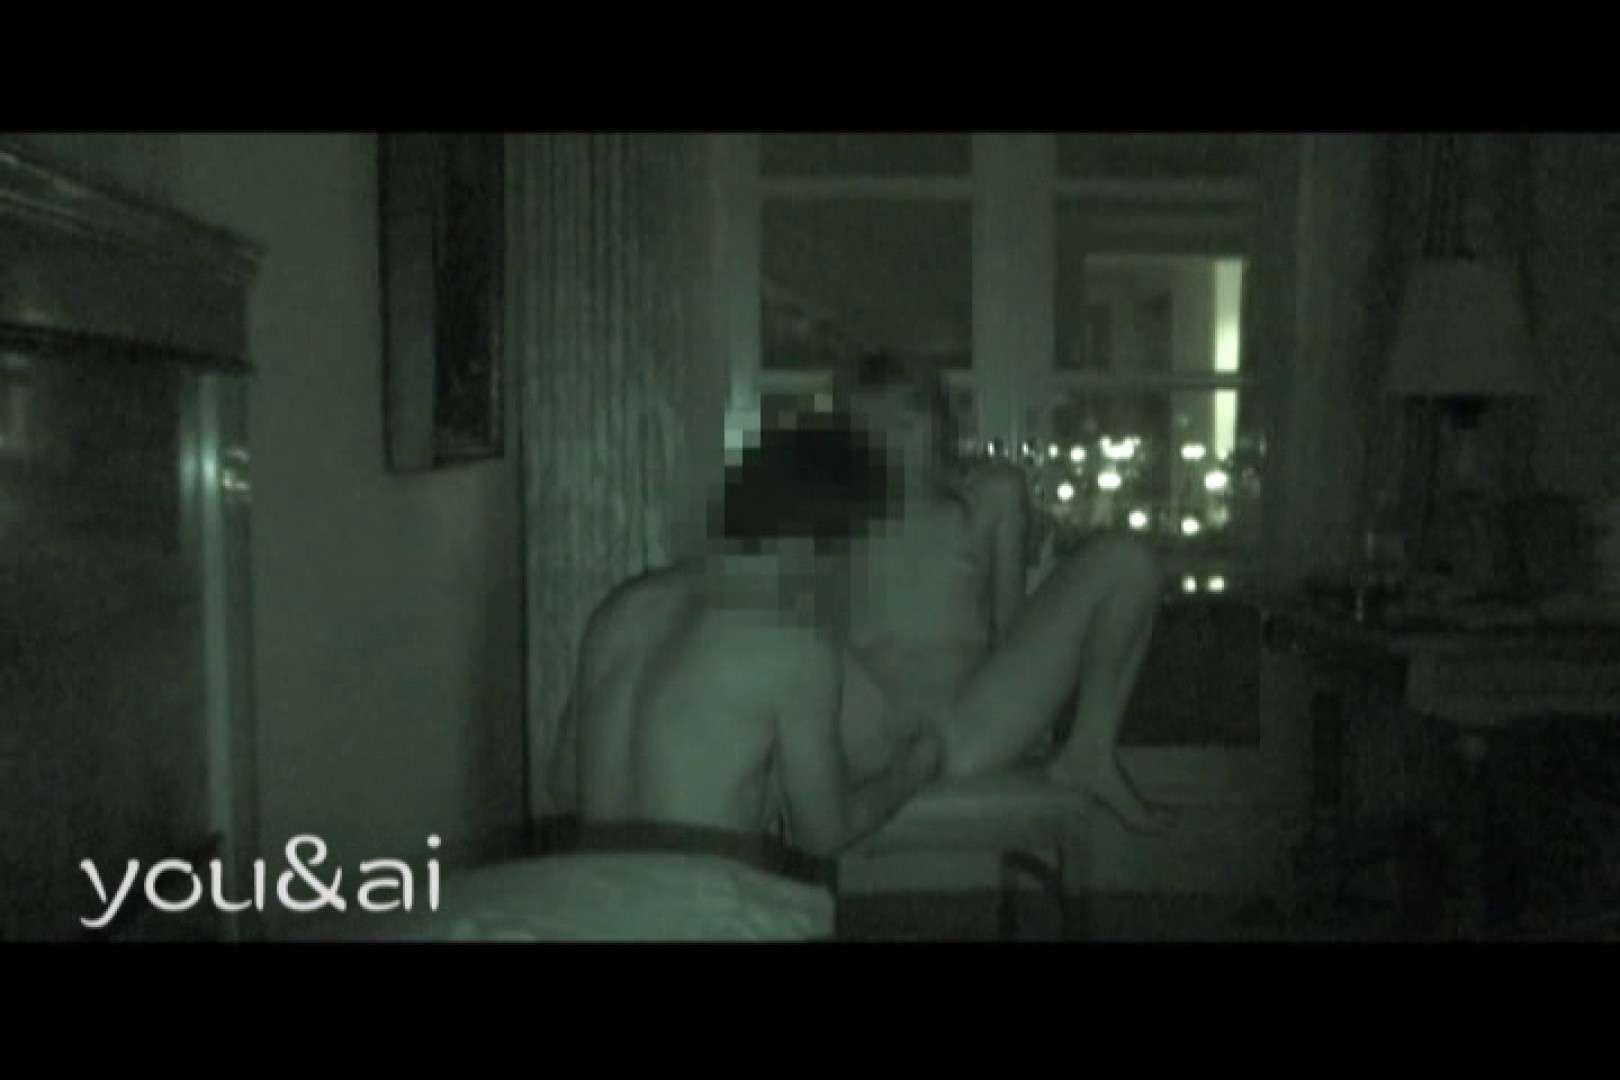 おしどり夫婦のyou&aiさん投稿作品vol.10 投稿映像 | ホテル  79pic 41